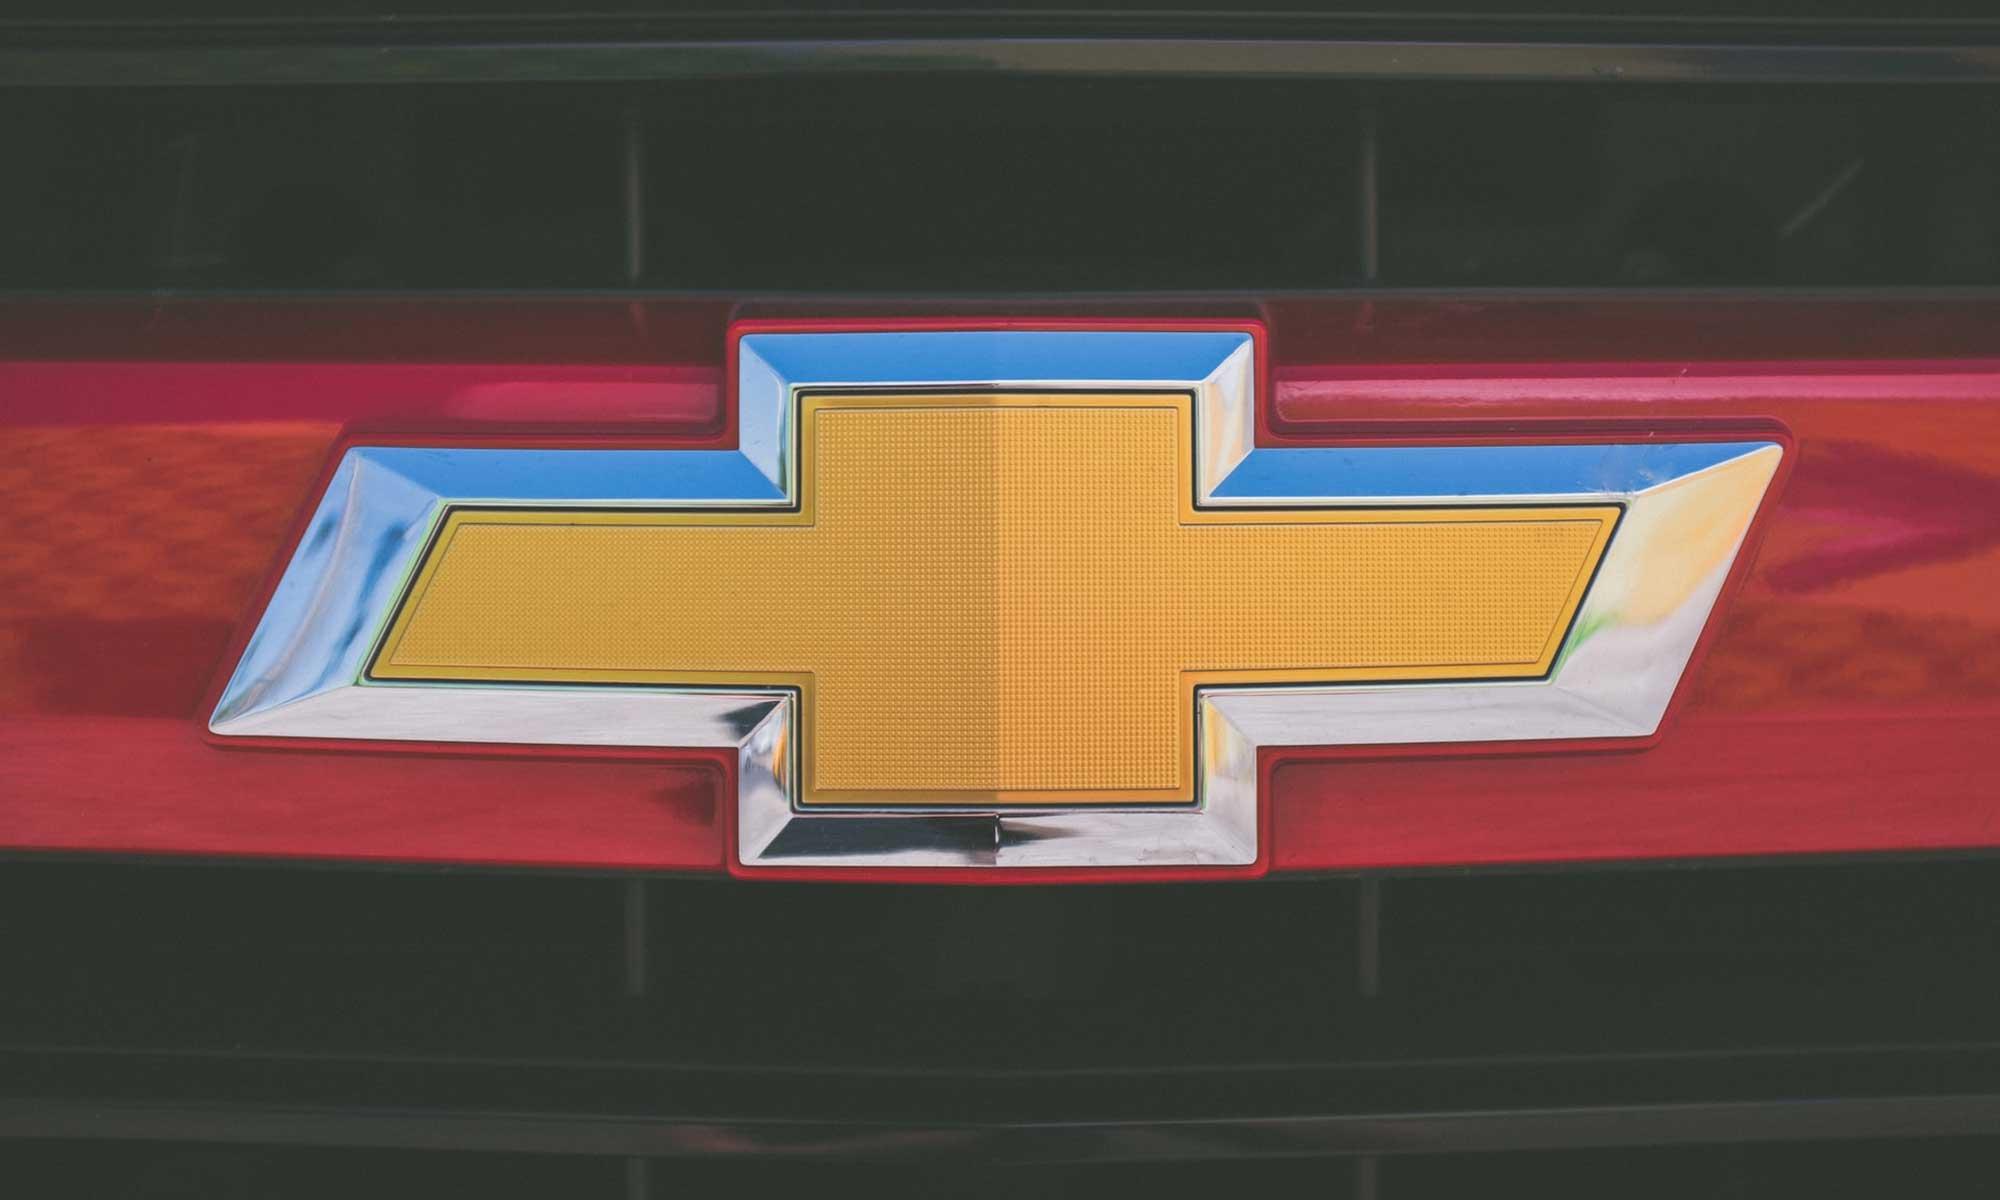 Chevrolet Silverado grill